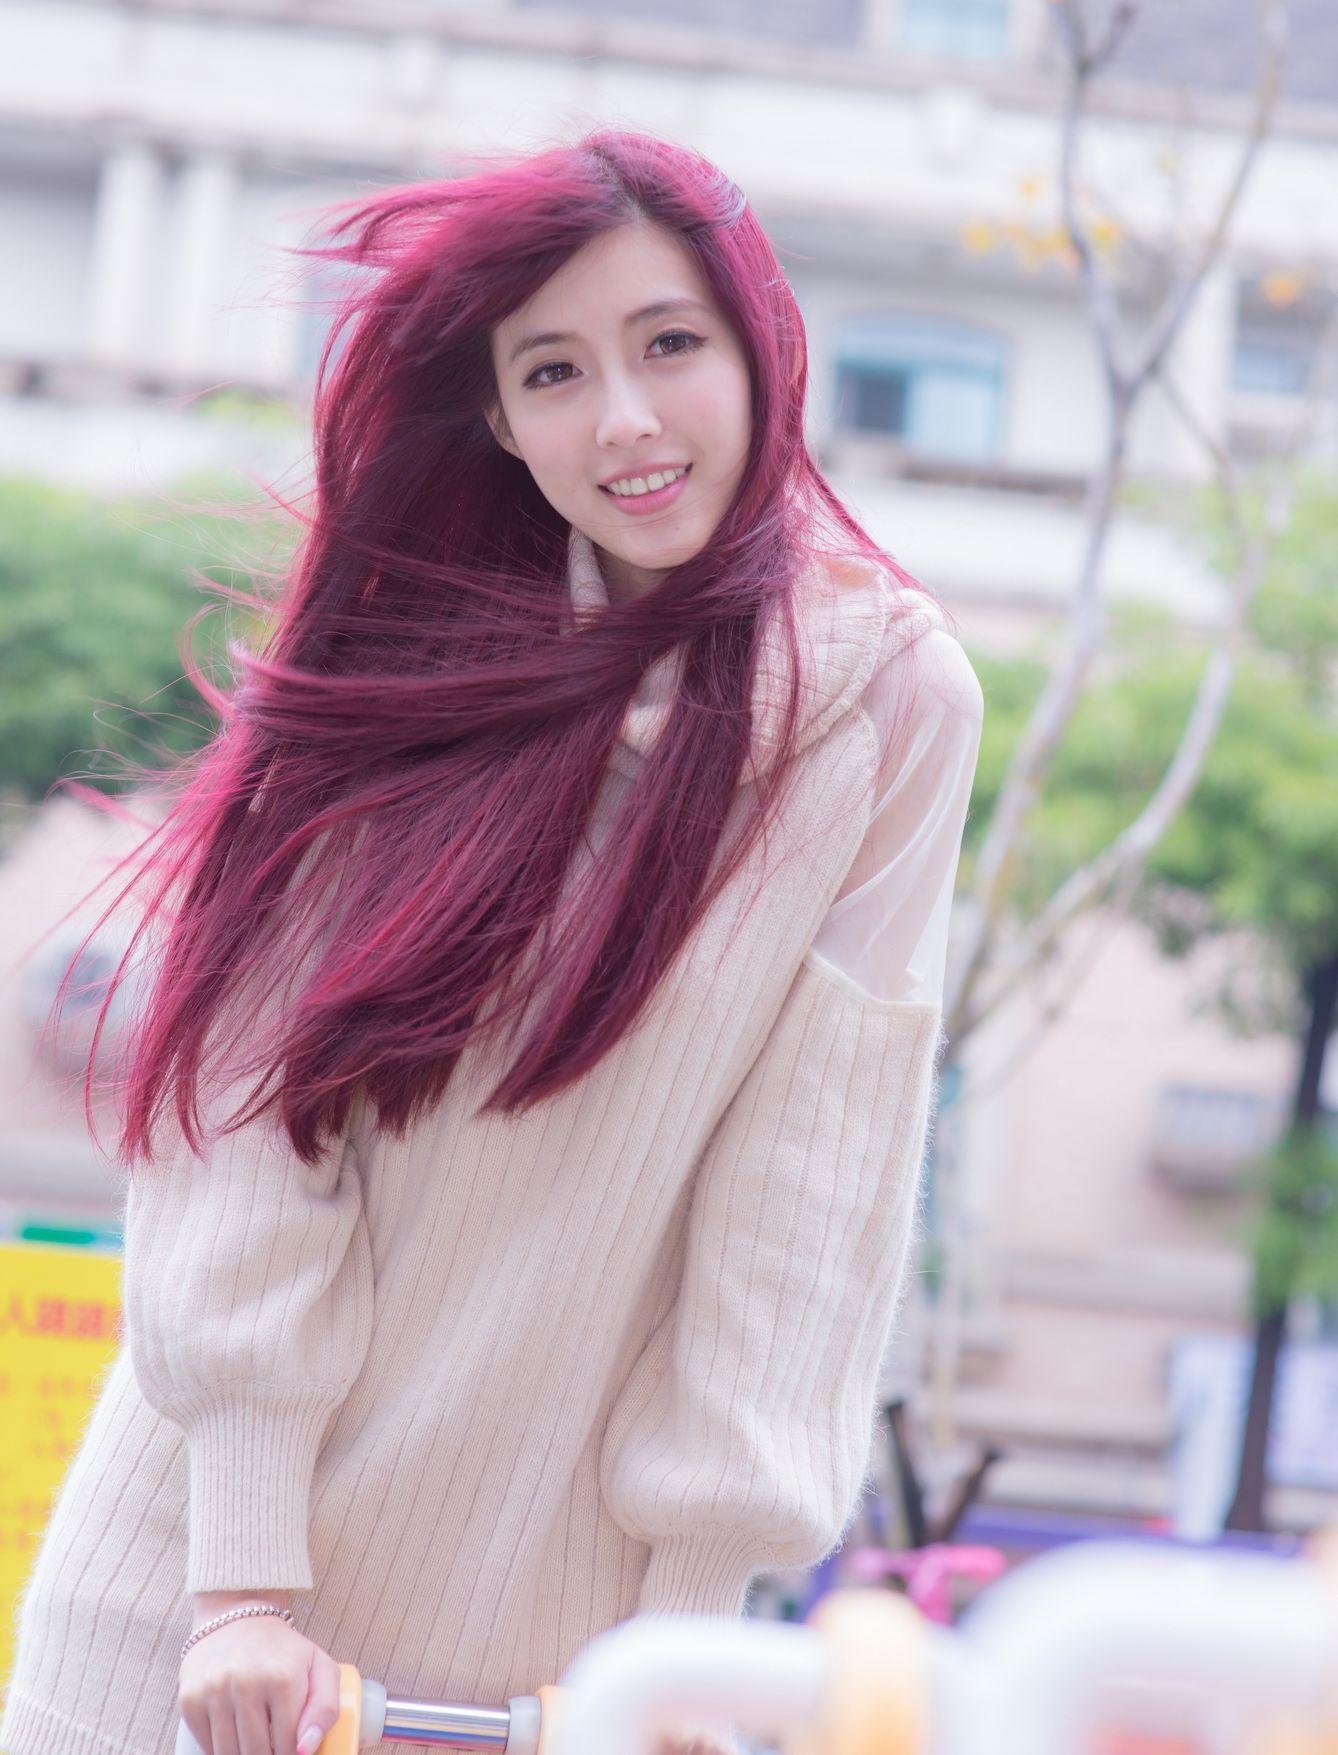 酒红头发美女穿着毛线衫